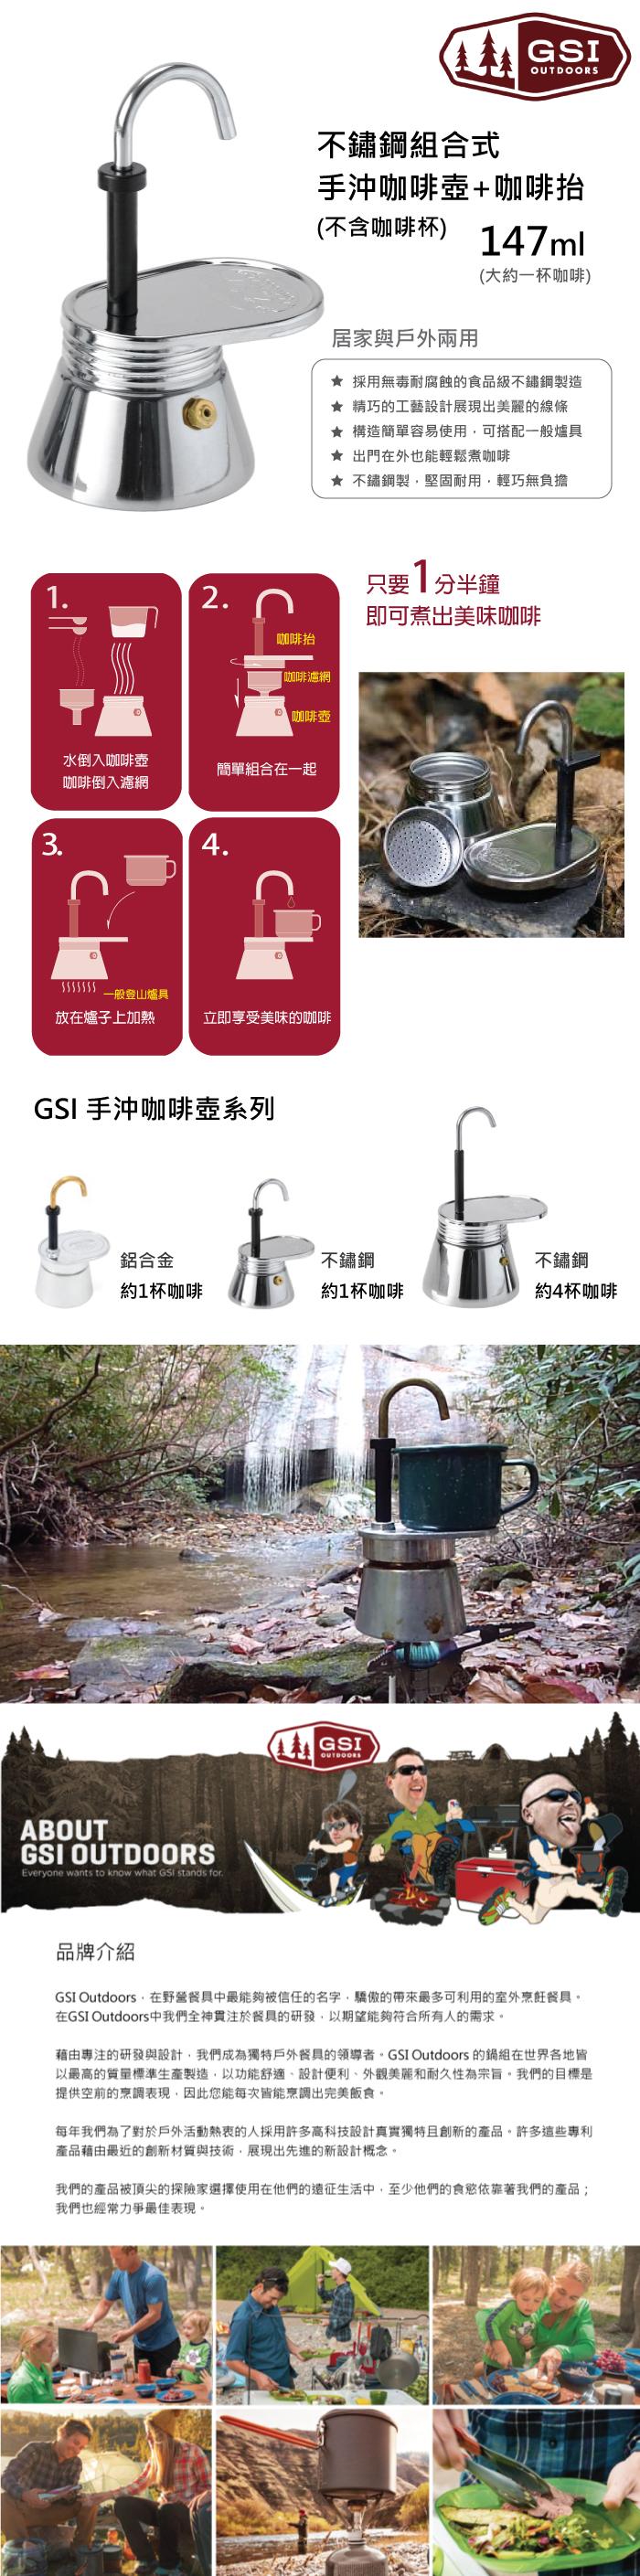 美國GSI 不鏽鋼組合式手沖咖啡壺+咖啡檯(147ml)